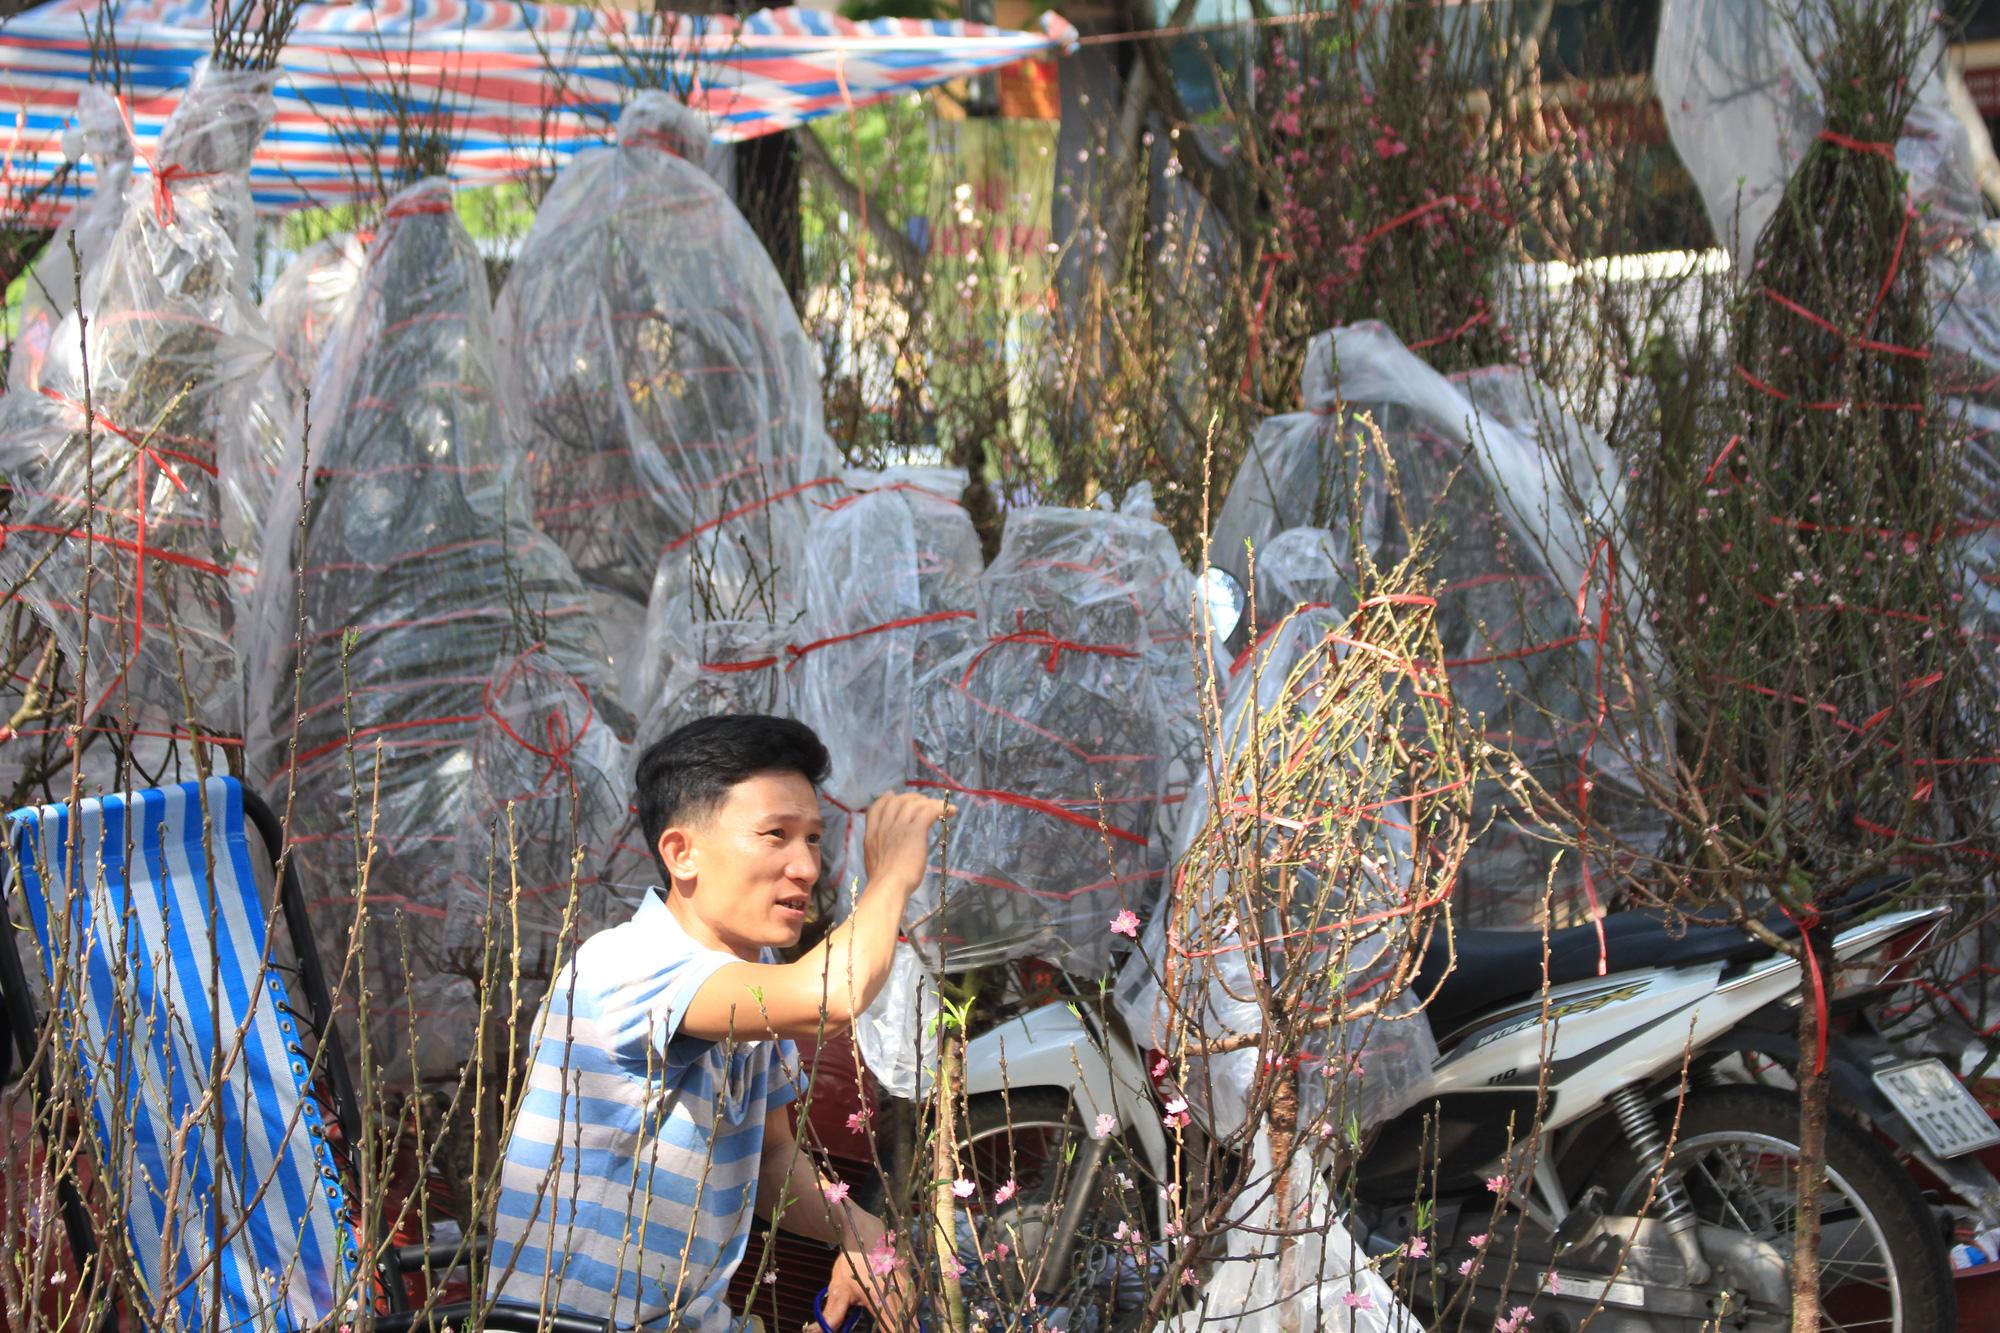 Mai, đào, tắc tiền triệu tại chợ hoa Sài Gòn ngóng người mua, có nhà vườn treo biển đồng giá 100.000 đồng mỗi chậu - Ảnh 7.